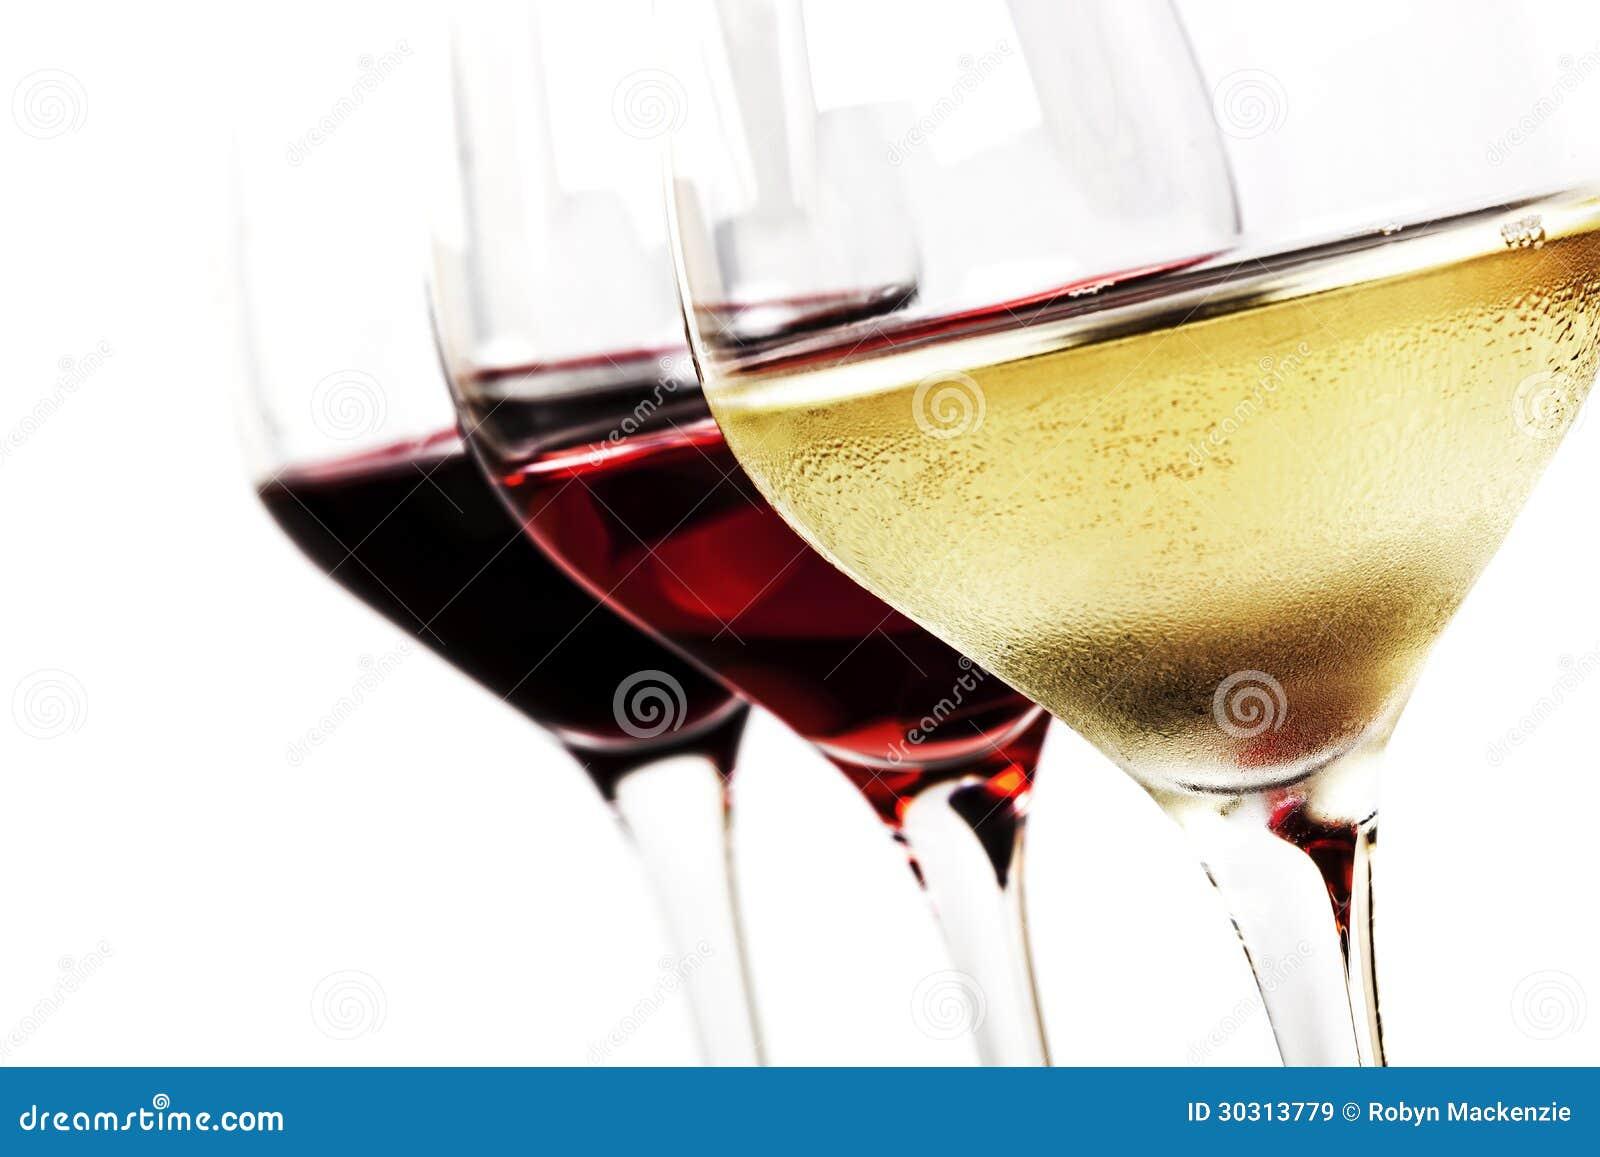 Copas de vino sobre blanco